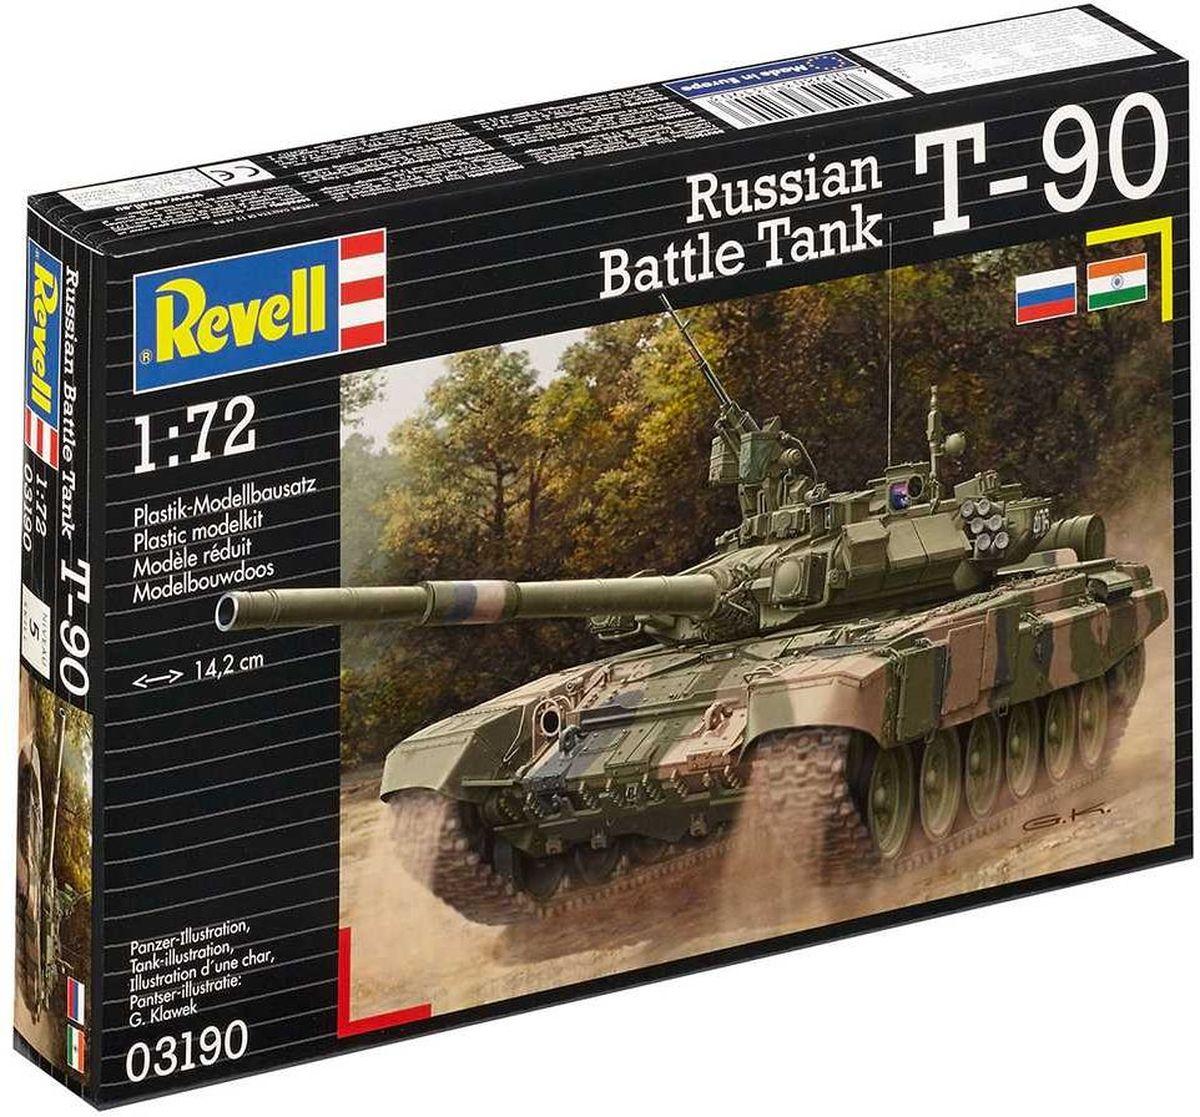 Revell Сборная модель Танк Т-9003190RС помощью сборной модели Revell Танк Т-90 вы и ваш ребенок сможете собрать уменьшенную копию одноименного танка. Набор включает в себя 157 пластиковых элементов для сборки, а также схематичную инструкцию. На текущий момент Т-90 является самым современным танков в армии России. Создавался как модернизация Т-72Б. Танк оснащен 125 мм орудием, способным вести огонь, как стандартными боеприпасами, так и ПТУРами. Т-90 имеет сварной корпус и литую башню. Танк оборудован активной защитой, состоящей из комплекса оптико-электронного подавления Штора-1. Комплекс предназначен для защиты от поражения танка противотанковыми управляемыми ракетами и состоит из станции оптико-электронного подавления и системы постановки завес. С 2001 по 2010 годы Т-90 стал самым продаваемым танком на мировом рынке. Процесс сборки развивает интеллектуальные и инструментальные способности, воображение и конструктивное мышление, а также прививает практические навыки работы со схемами и чертежами. ...